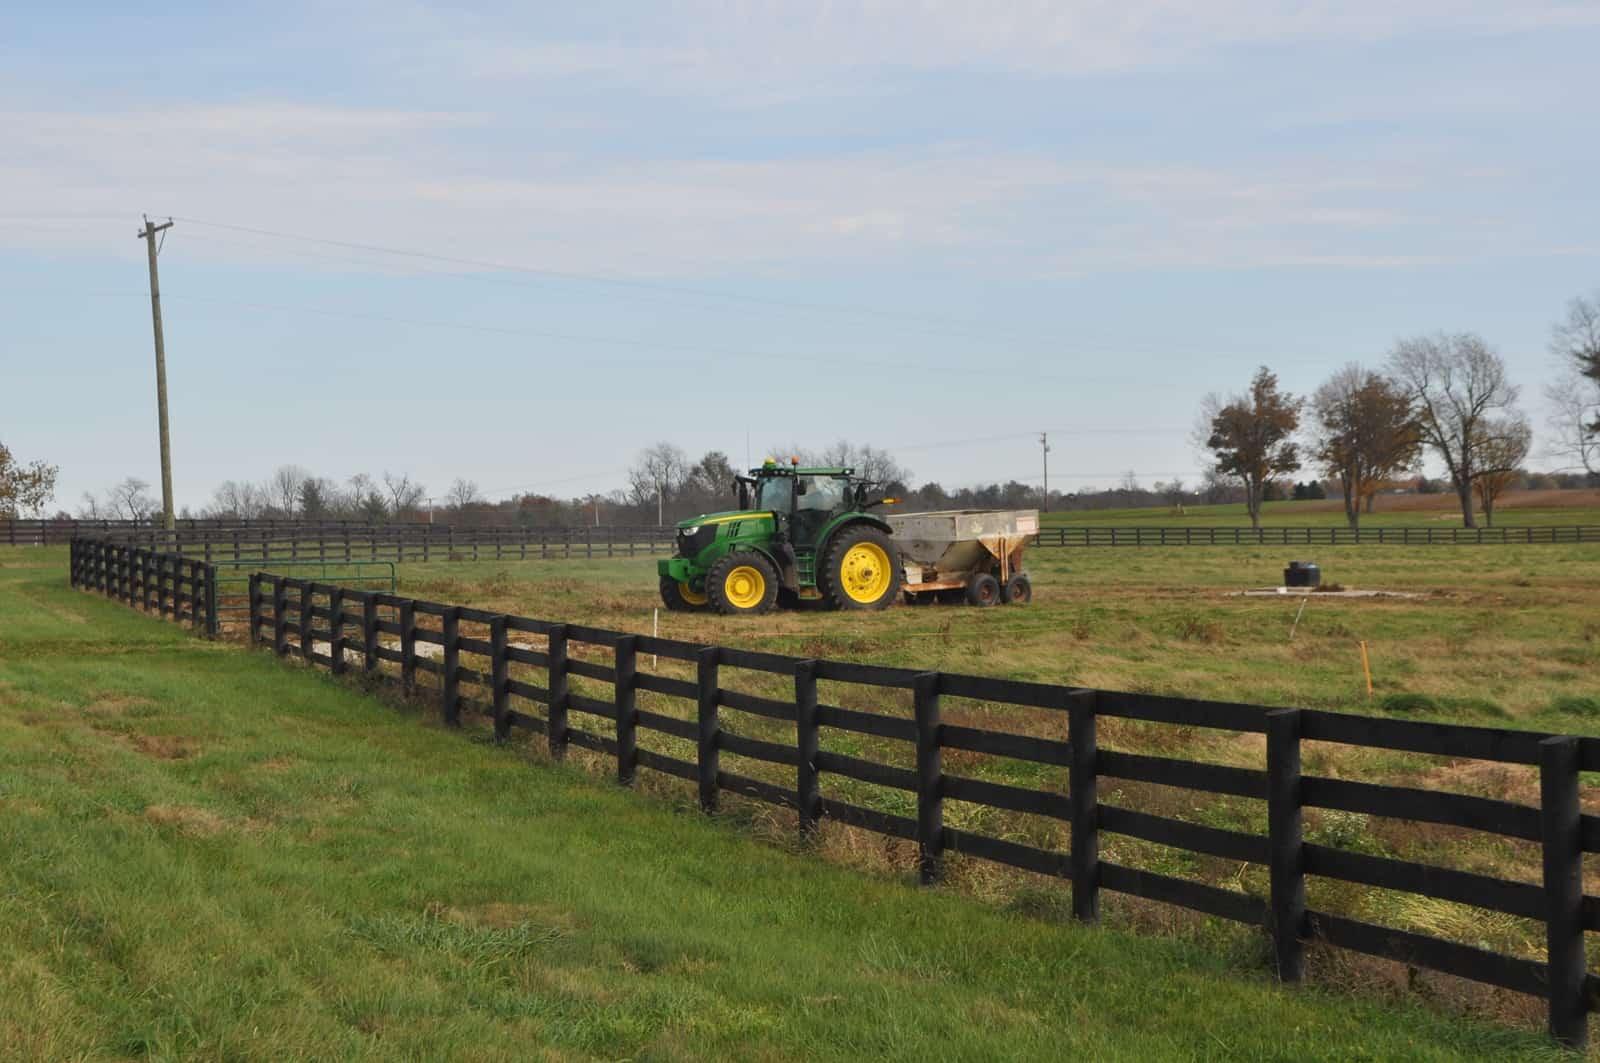 Equipment for Managing Horse Pastures